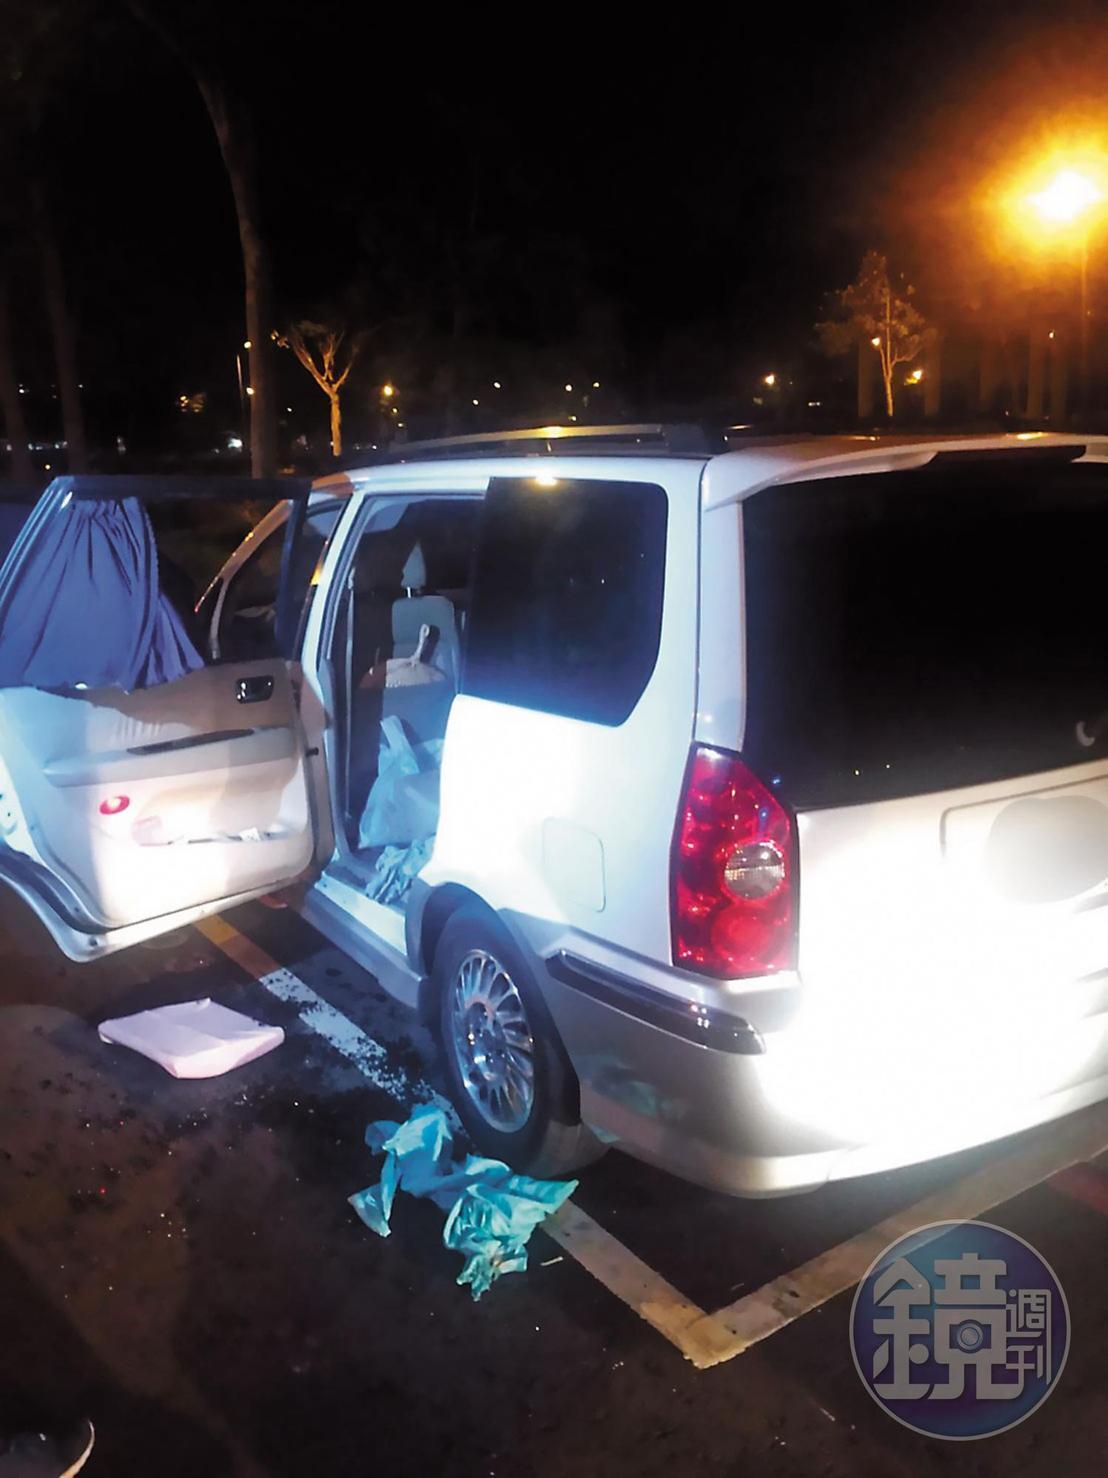 高雄吳姓女子多年來照顧重度身心障礙的妹妹,21日帶著妹妹在車上燒炭自殺。(翻攝畫面)